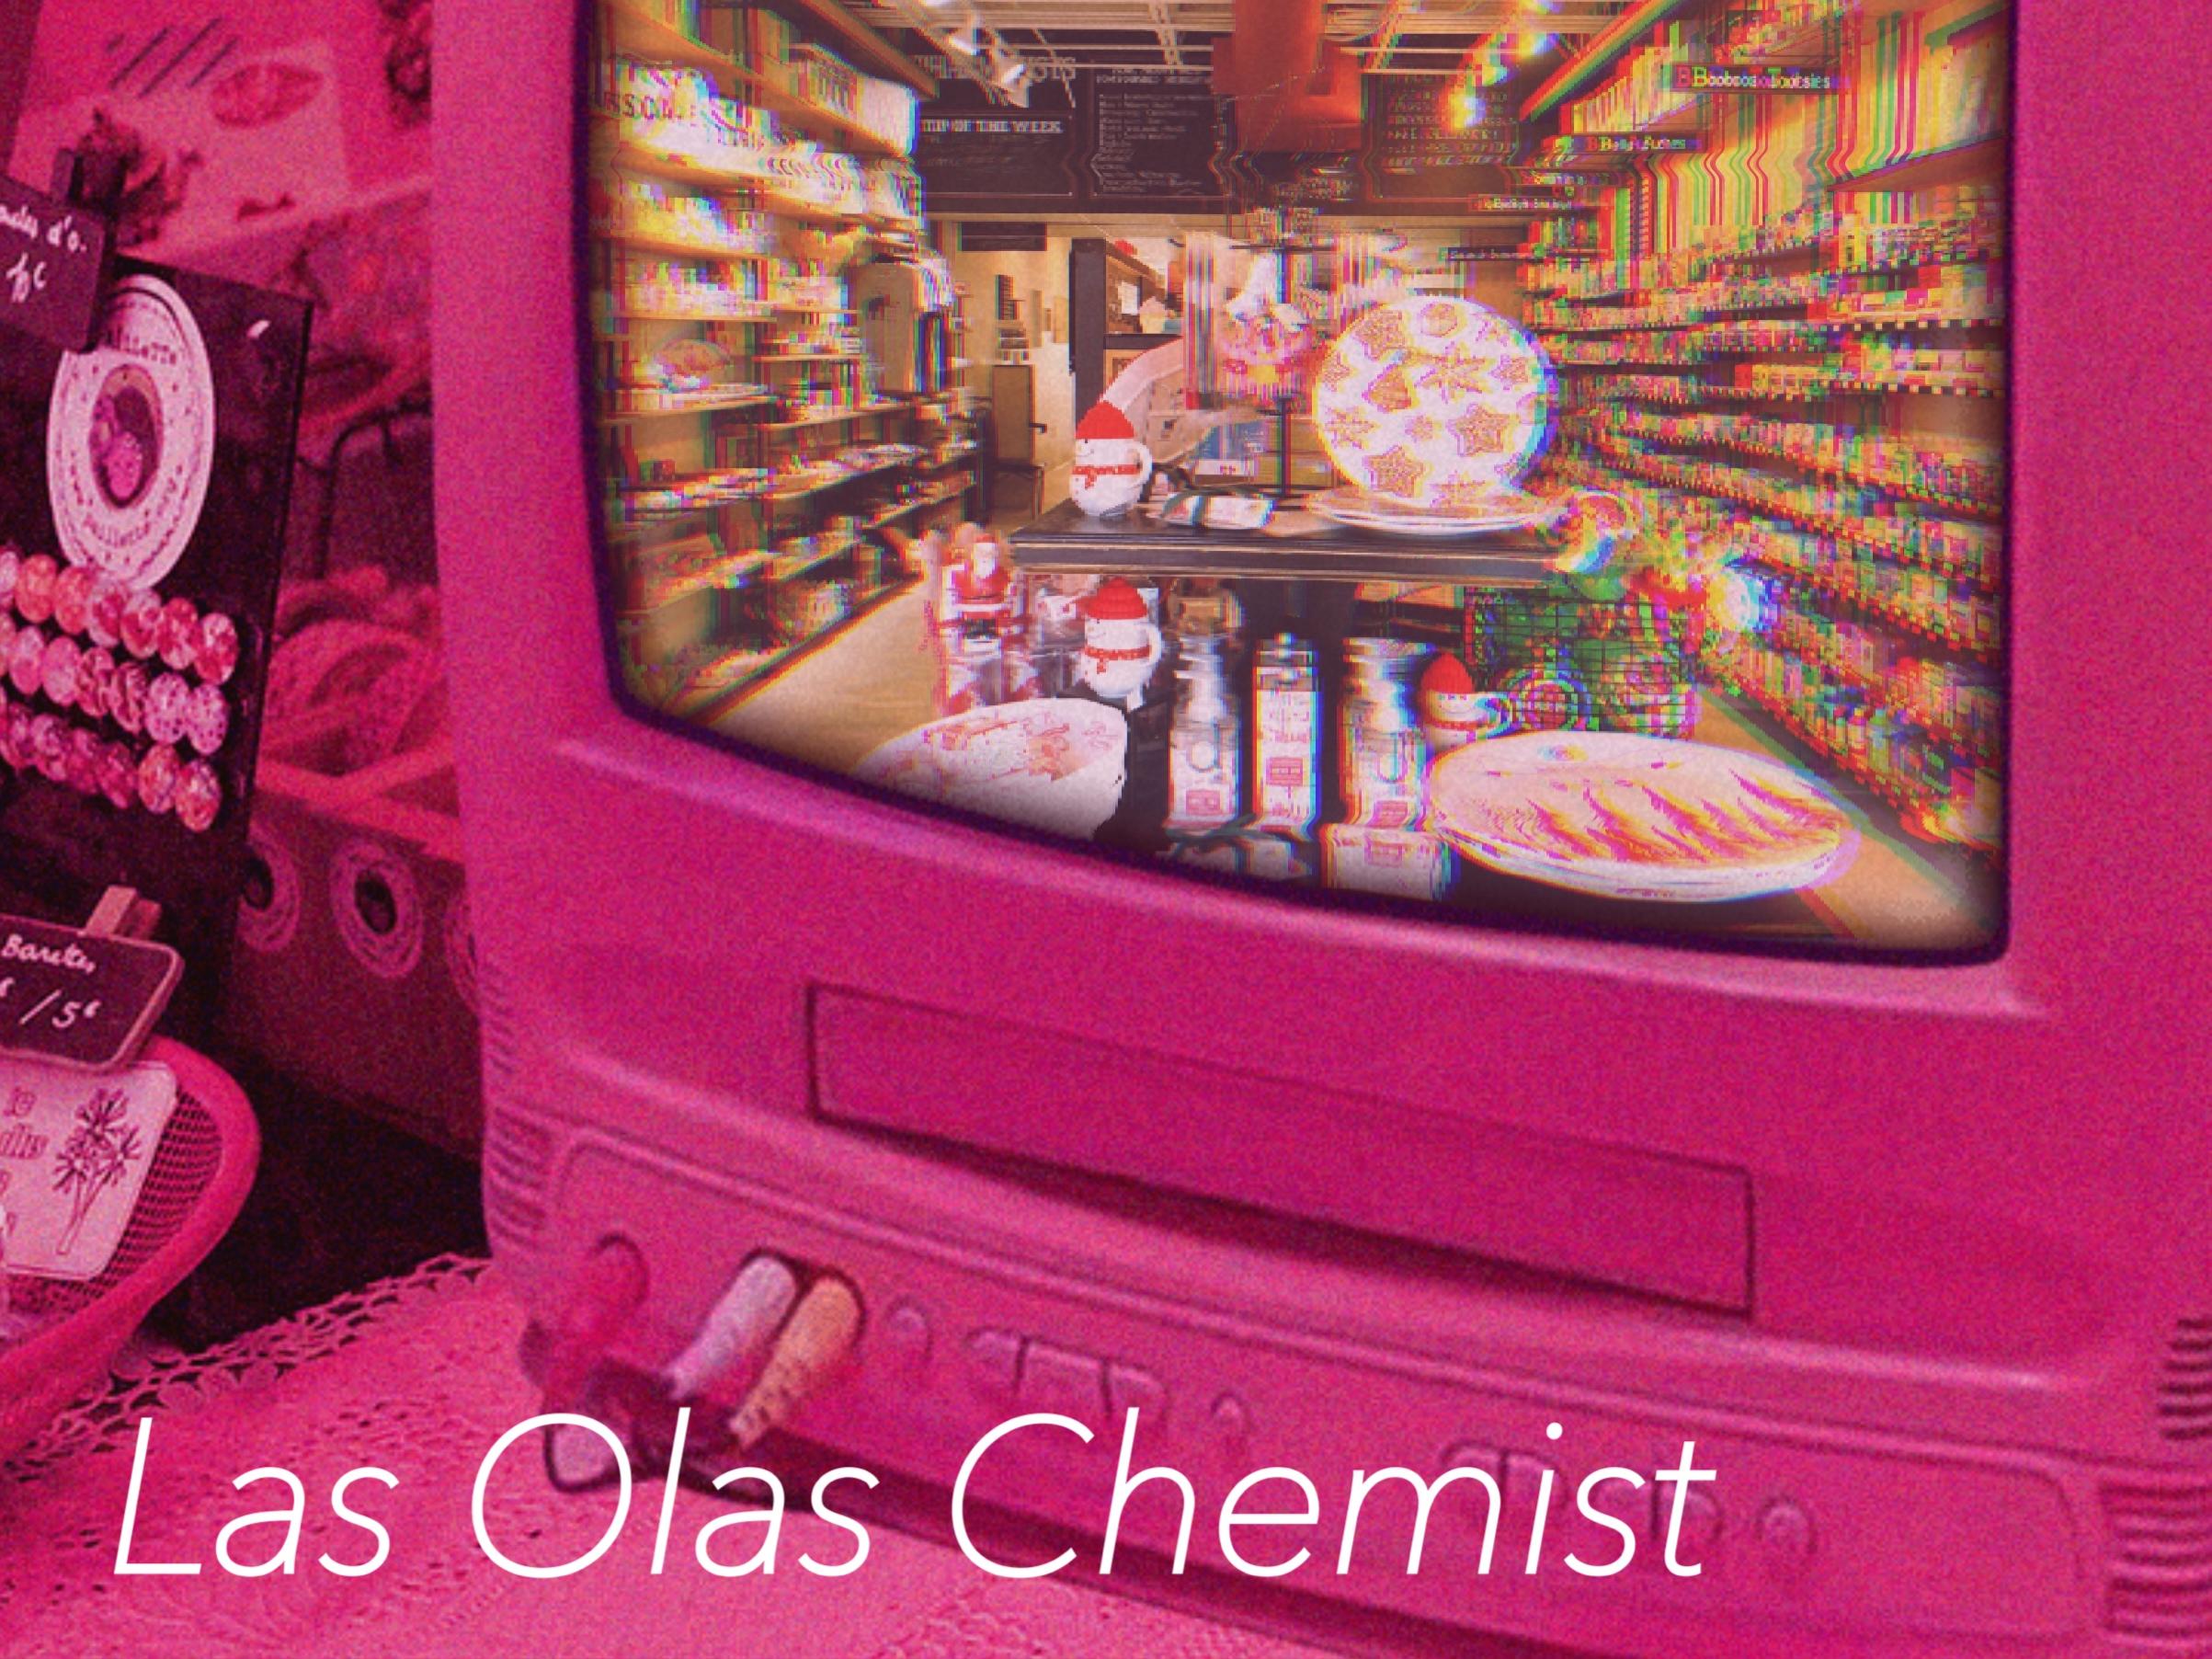 薬局なのに可愛い♡Las Olas Chemist (ラス オラス ケミスト)Report